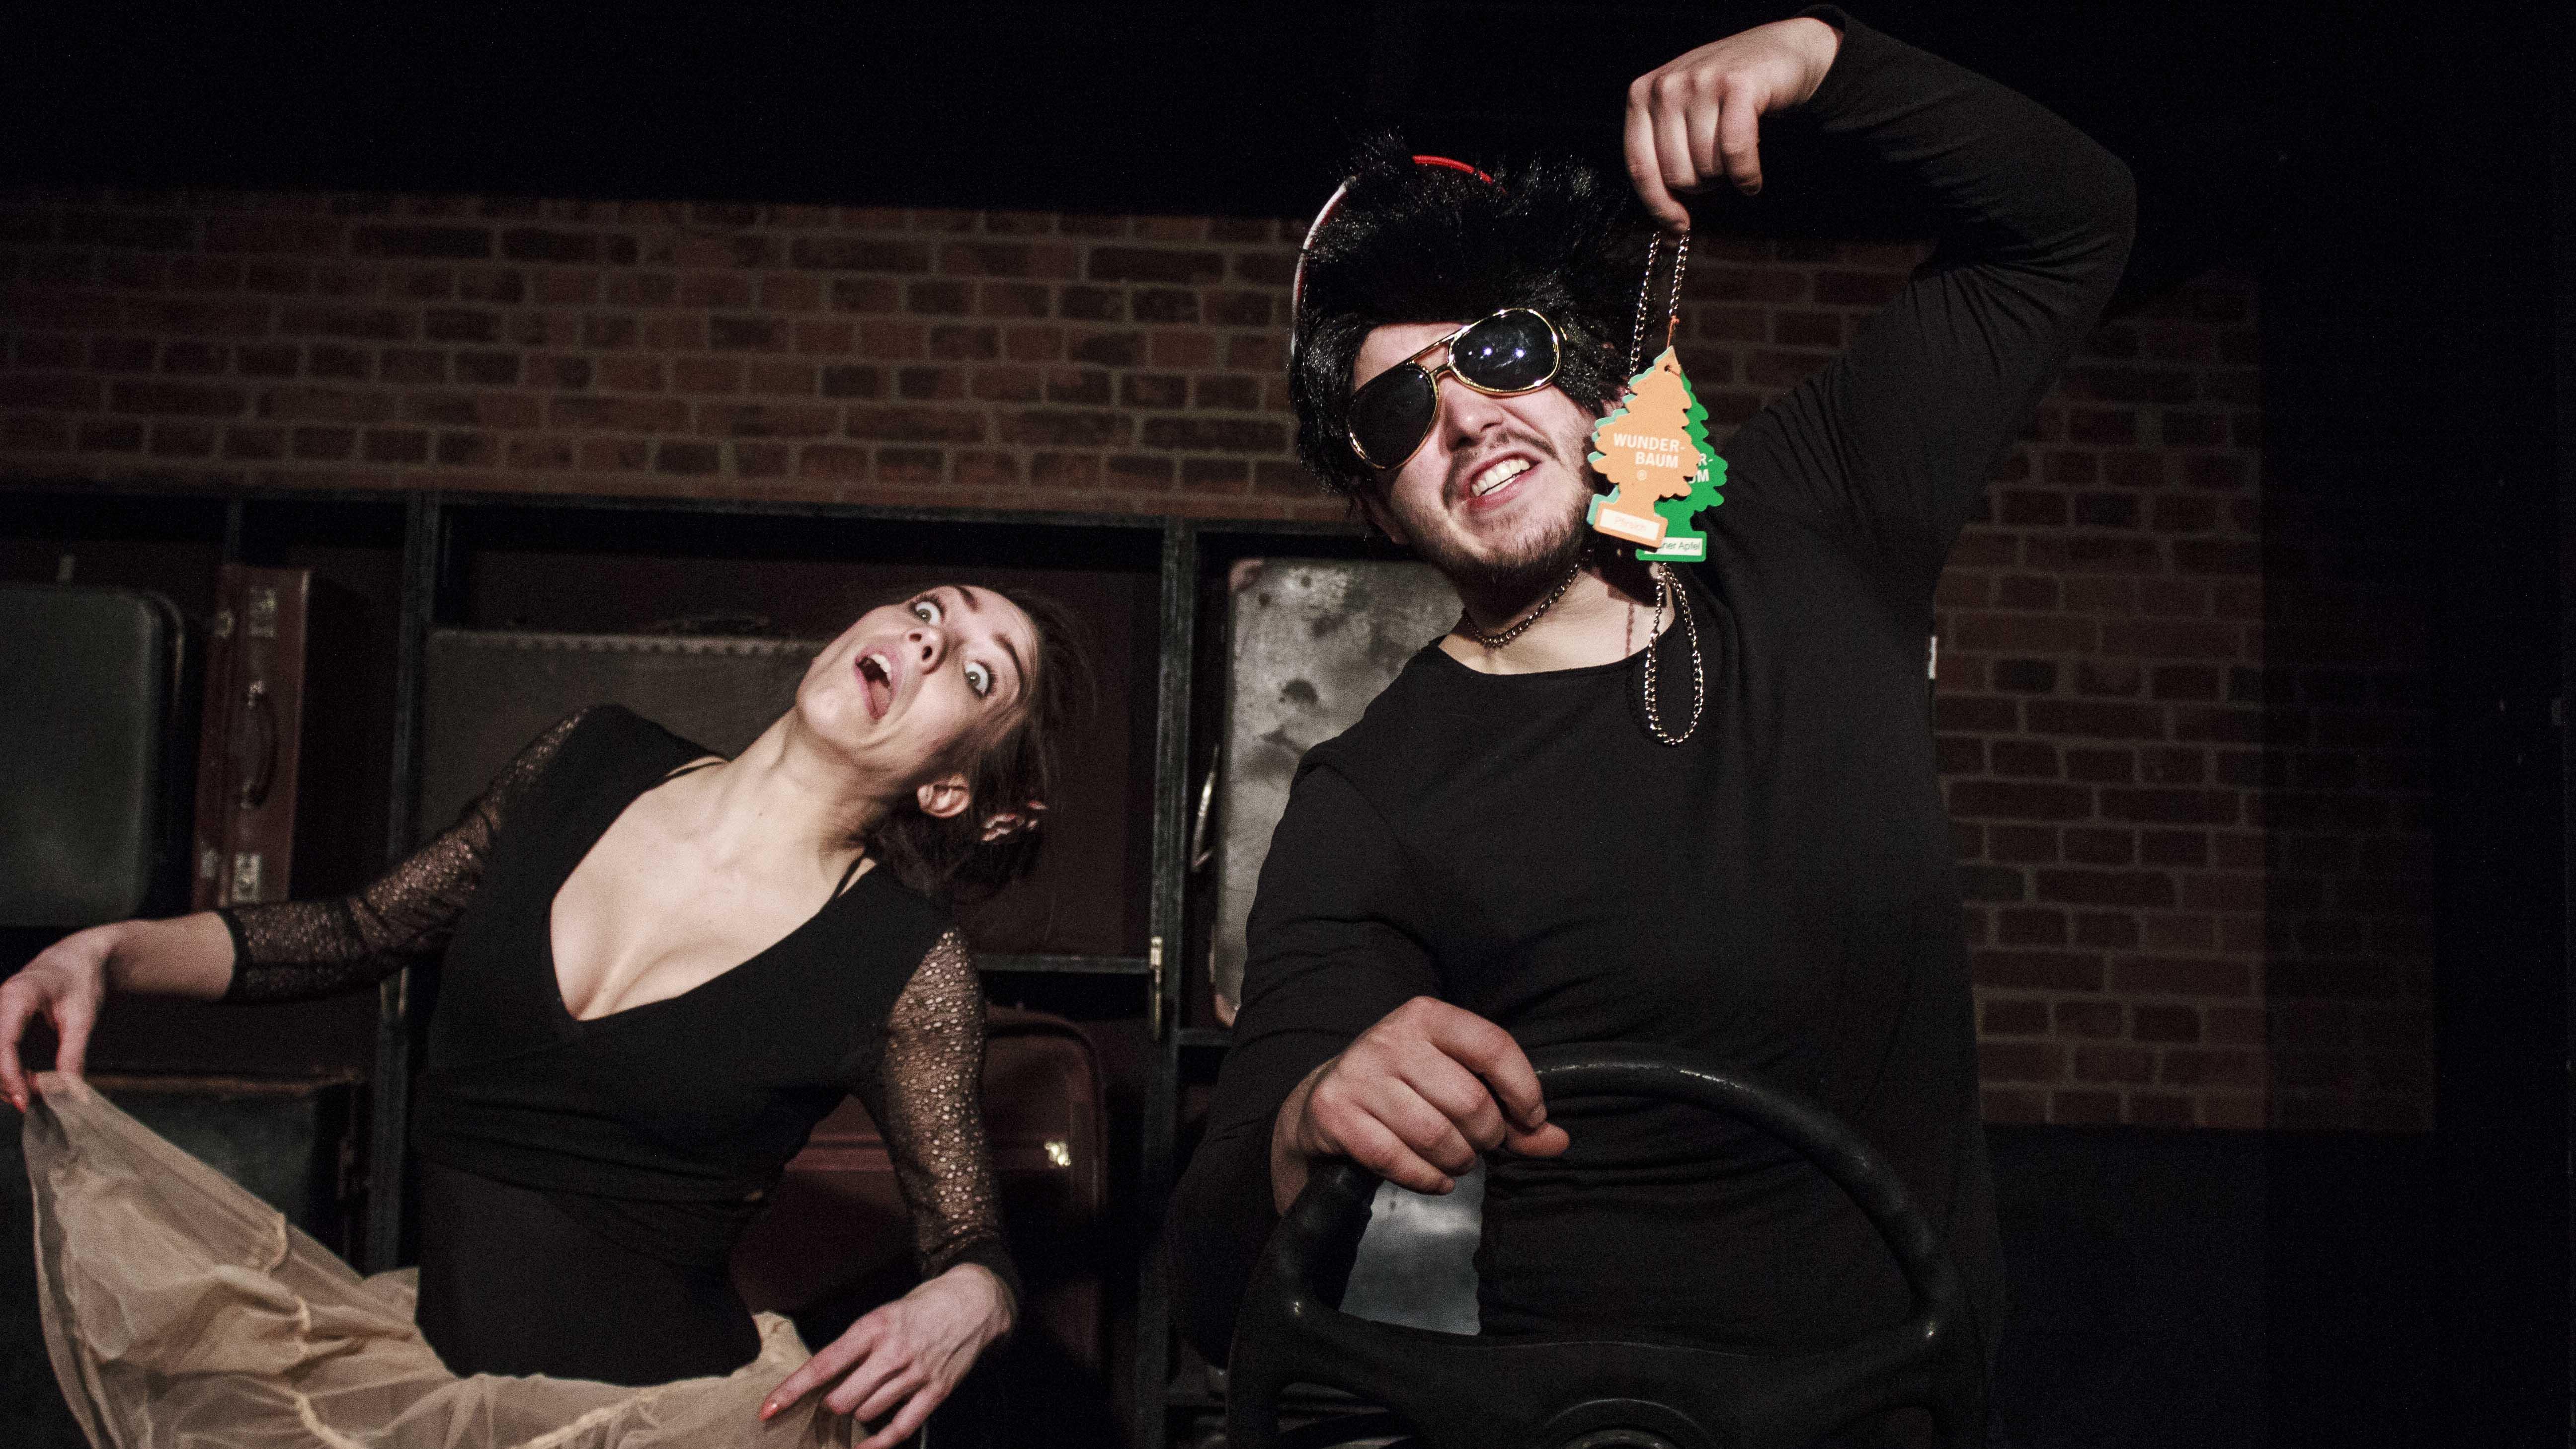 Zdjecie do spektaklu Emigrantka. Aktor po prawo trzyma w ręku samochodowe odświeżacze, kobieta po lewo trzyma się za sukienkie, wytrzeszcza oczy i pokazuje język.